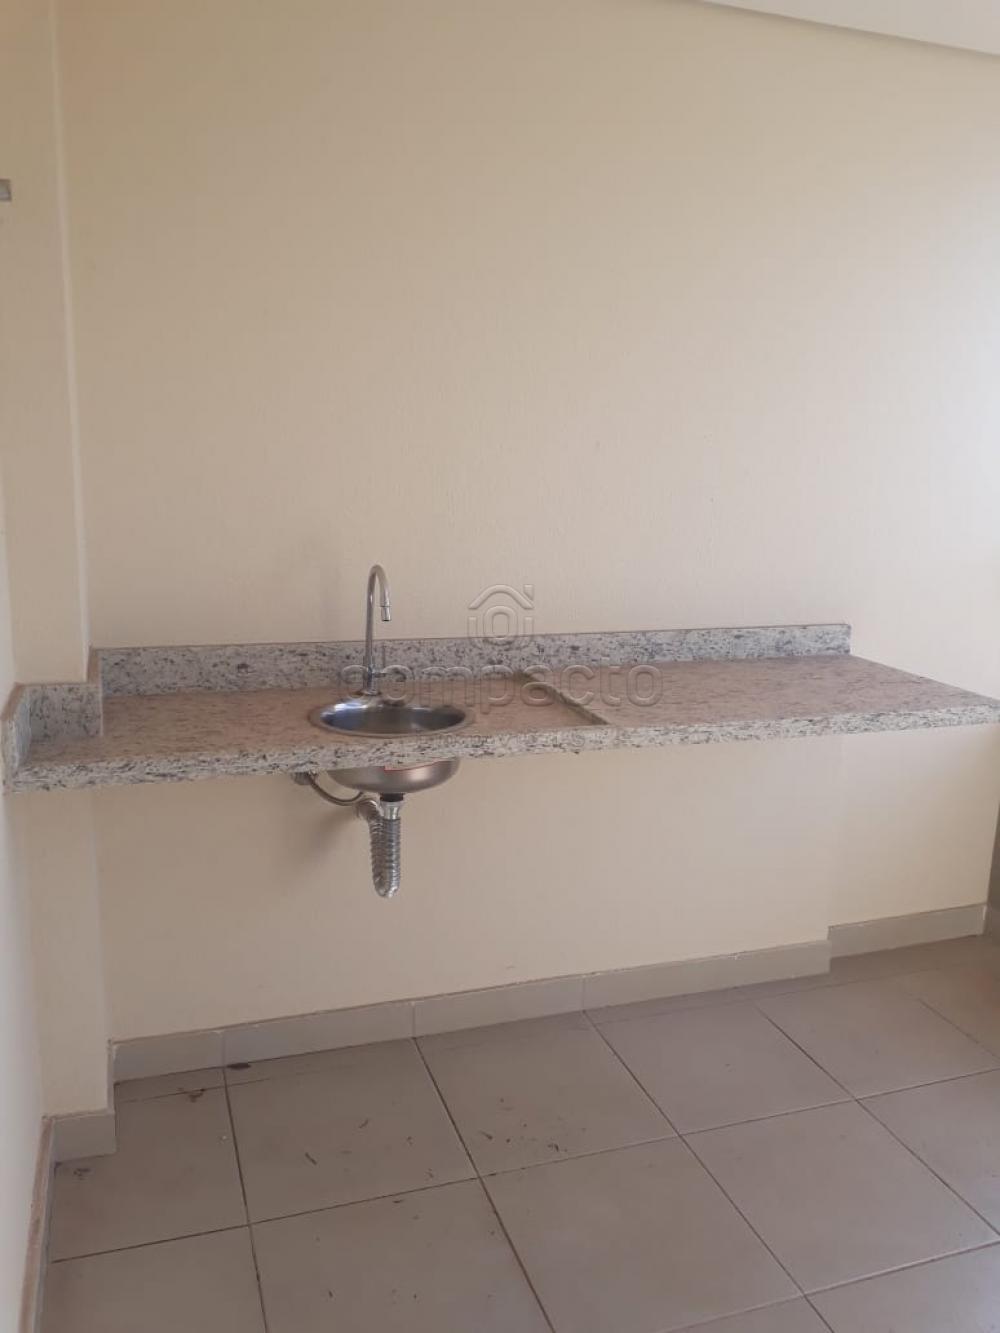 Alugar Apartamento / Padrão em São José do Rio Preto apenas R$ 1.600,00 - Foto 4